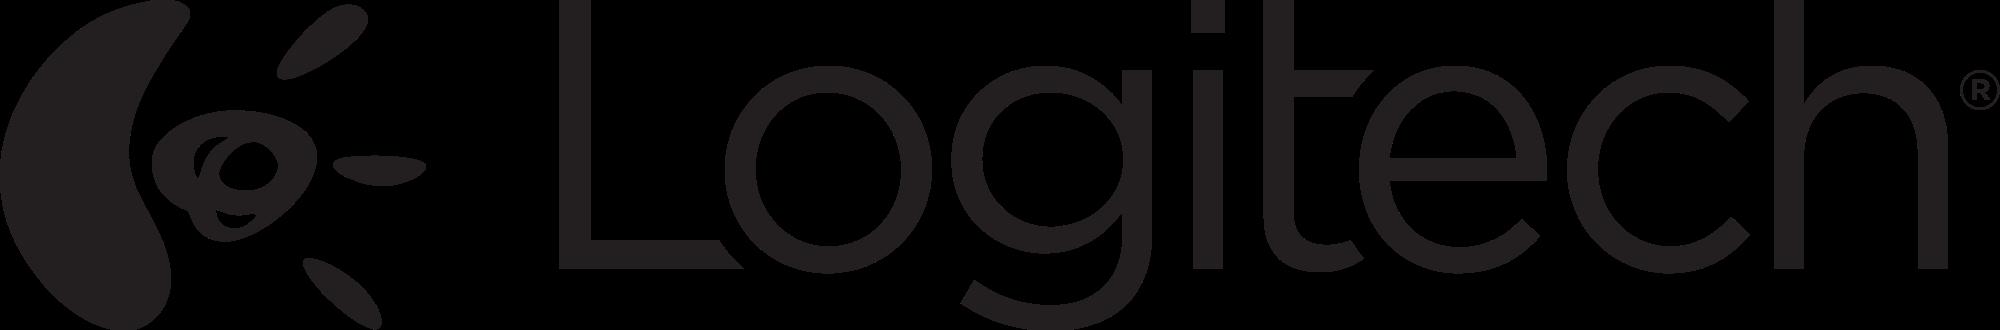 Logitech_Logo_2013.svg